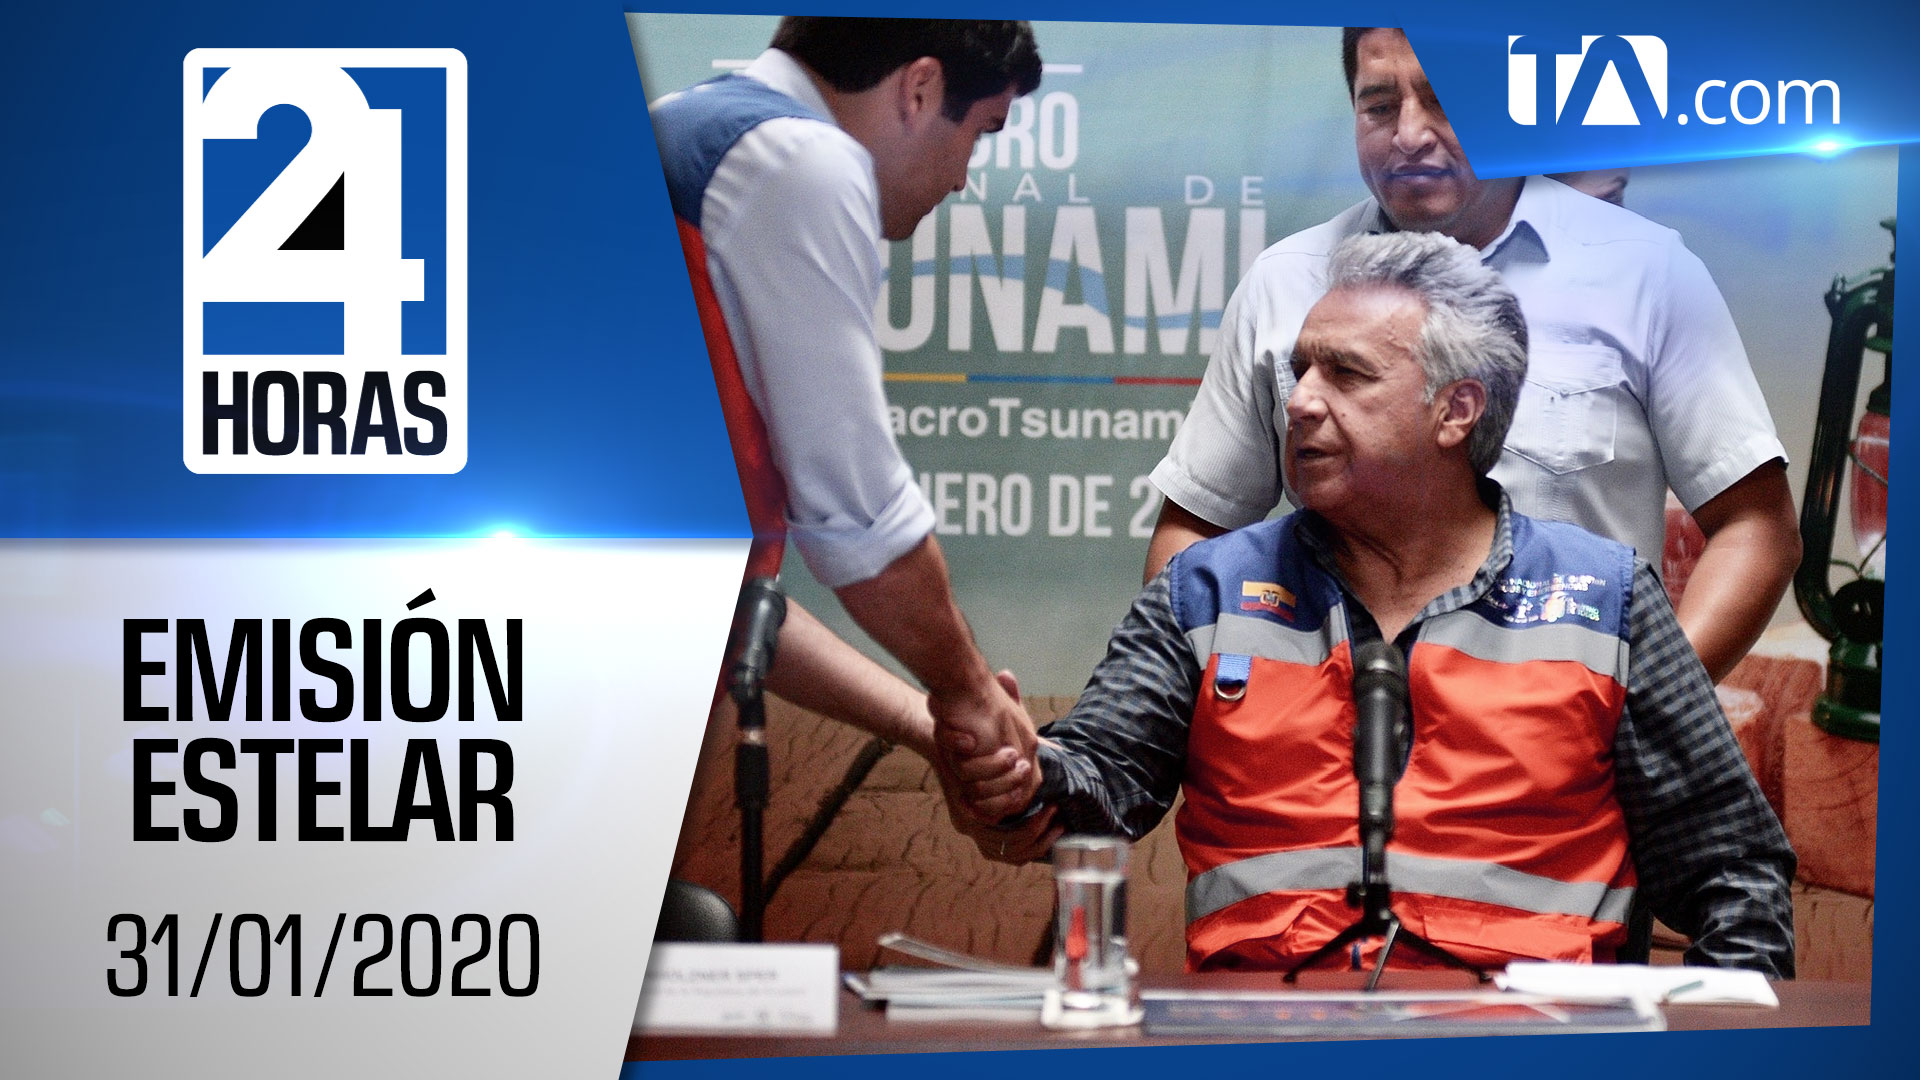 Noticiero 24 Horas, 31/01/2020 (Emisión Estelar)